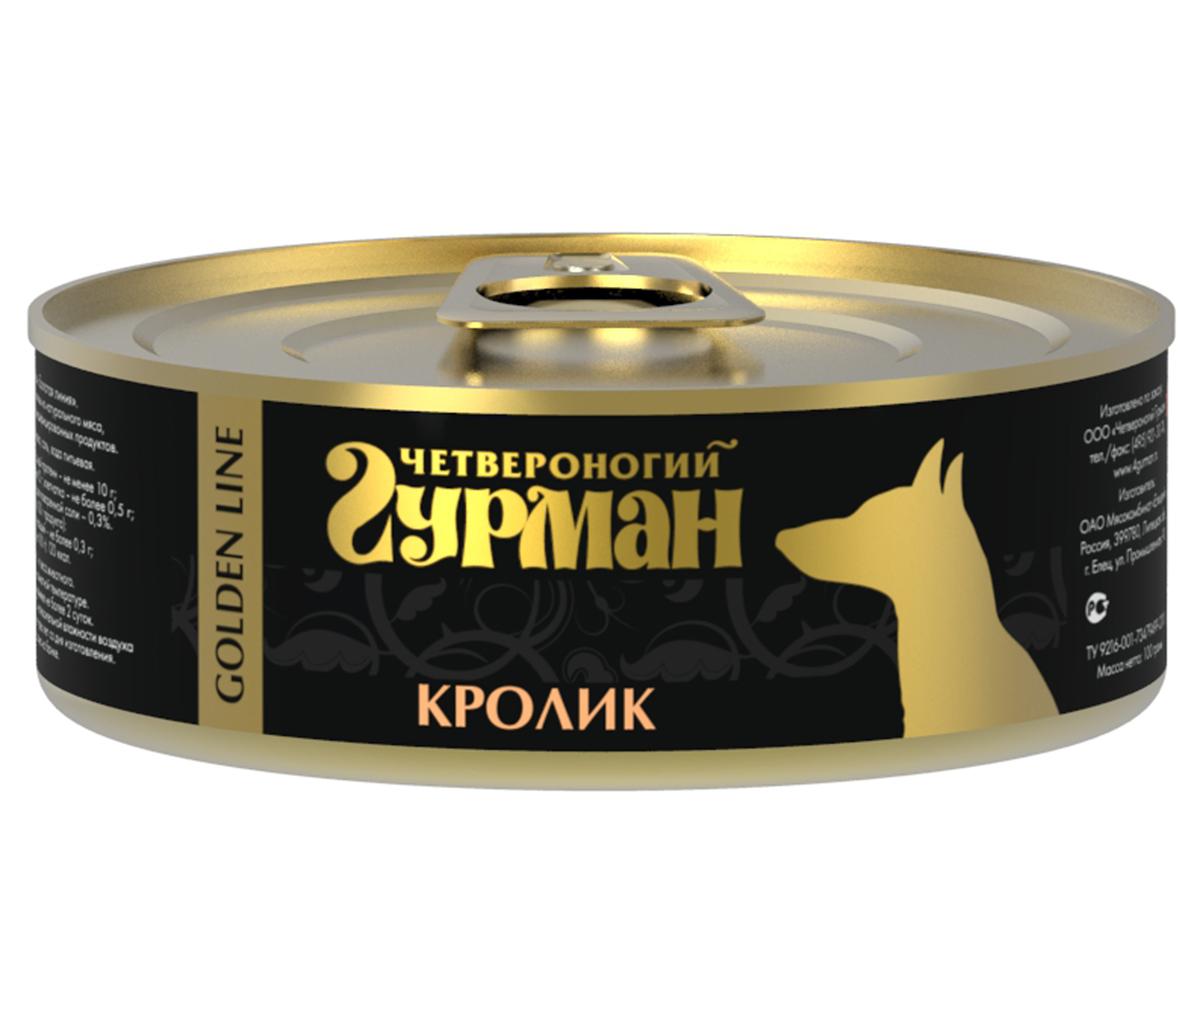 """Консервы для собак """"Четвероногий Гурман"""", с кроликом, 100 г"""